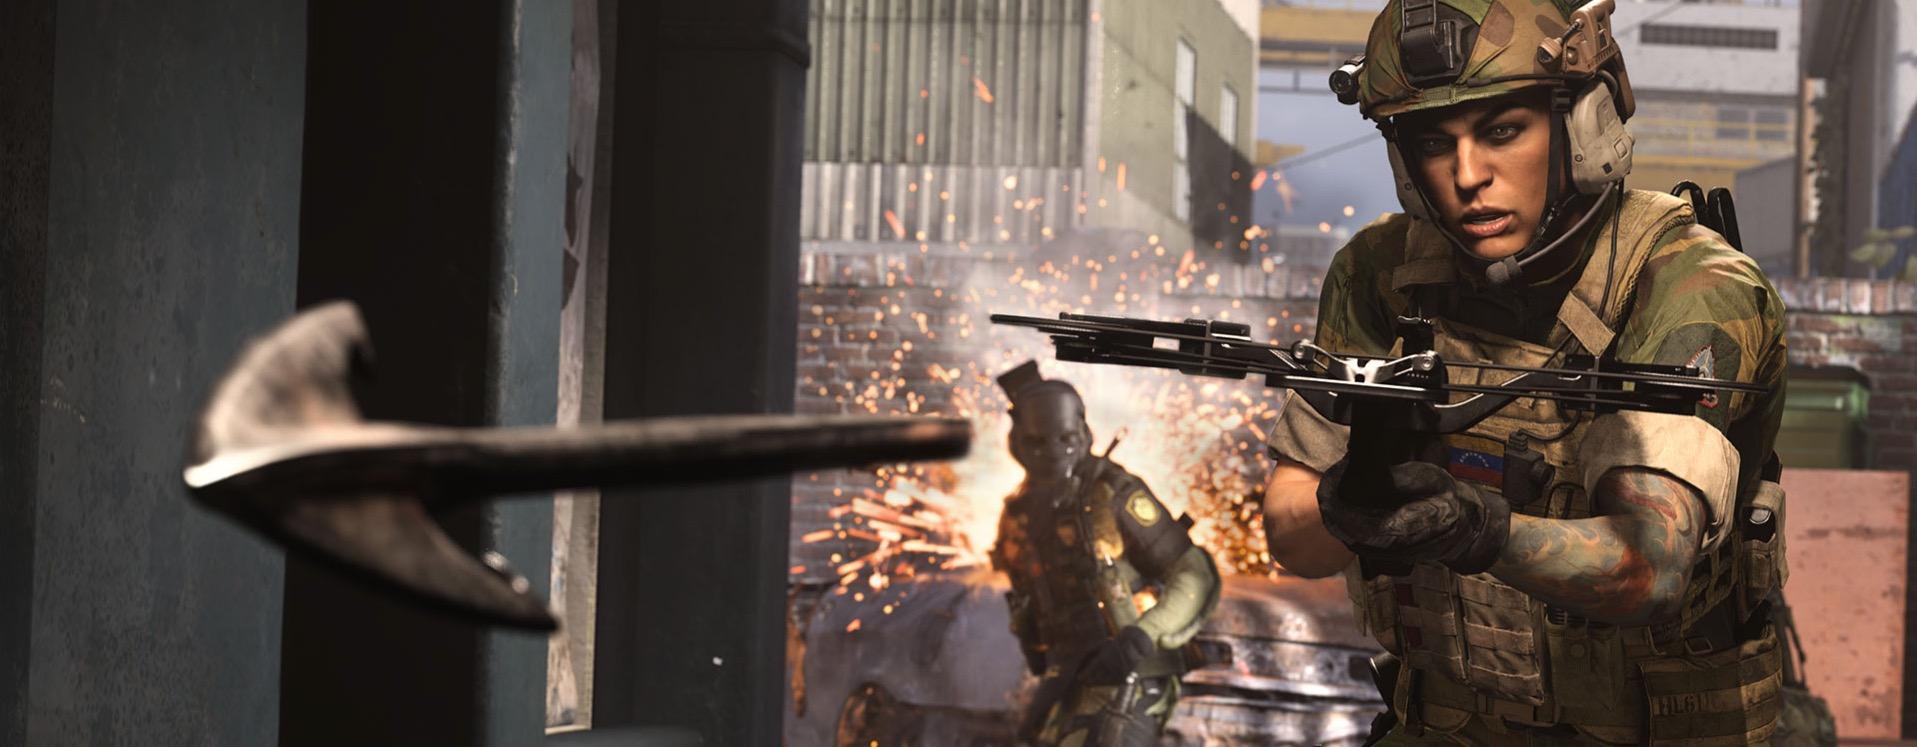 CoD Modern Warfare: Armbrust freischalten – So gibt's den neuen Crossbow